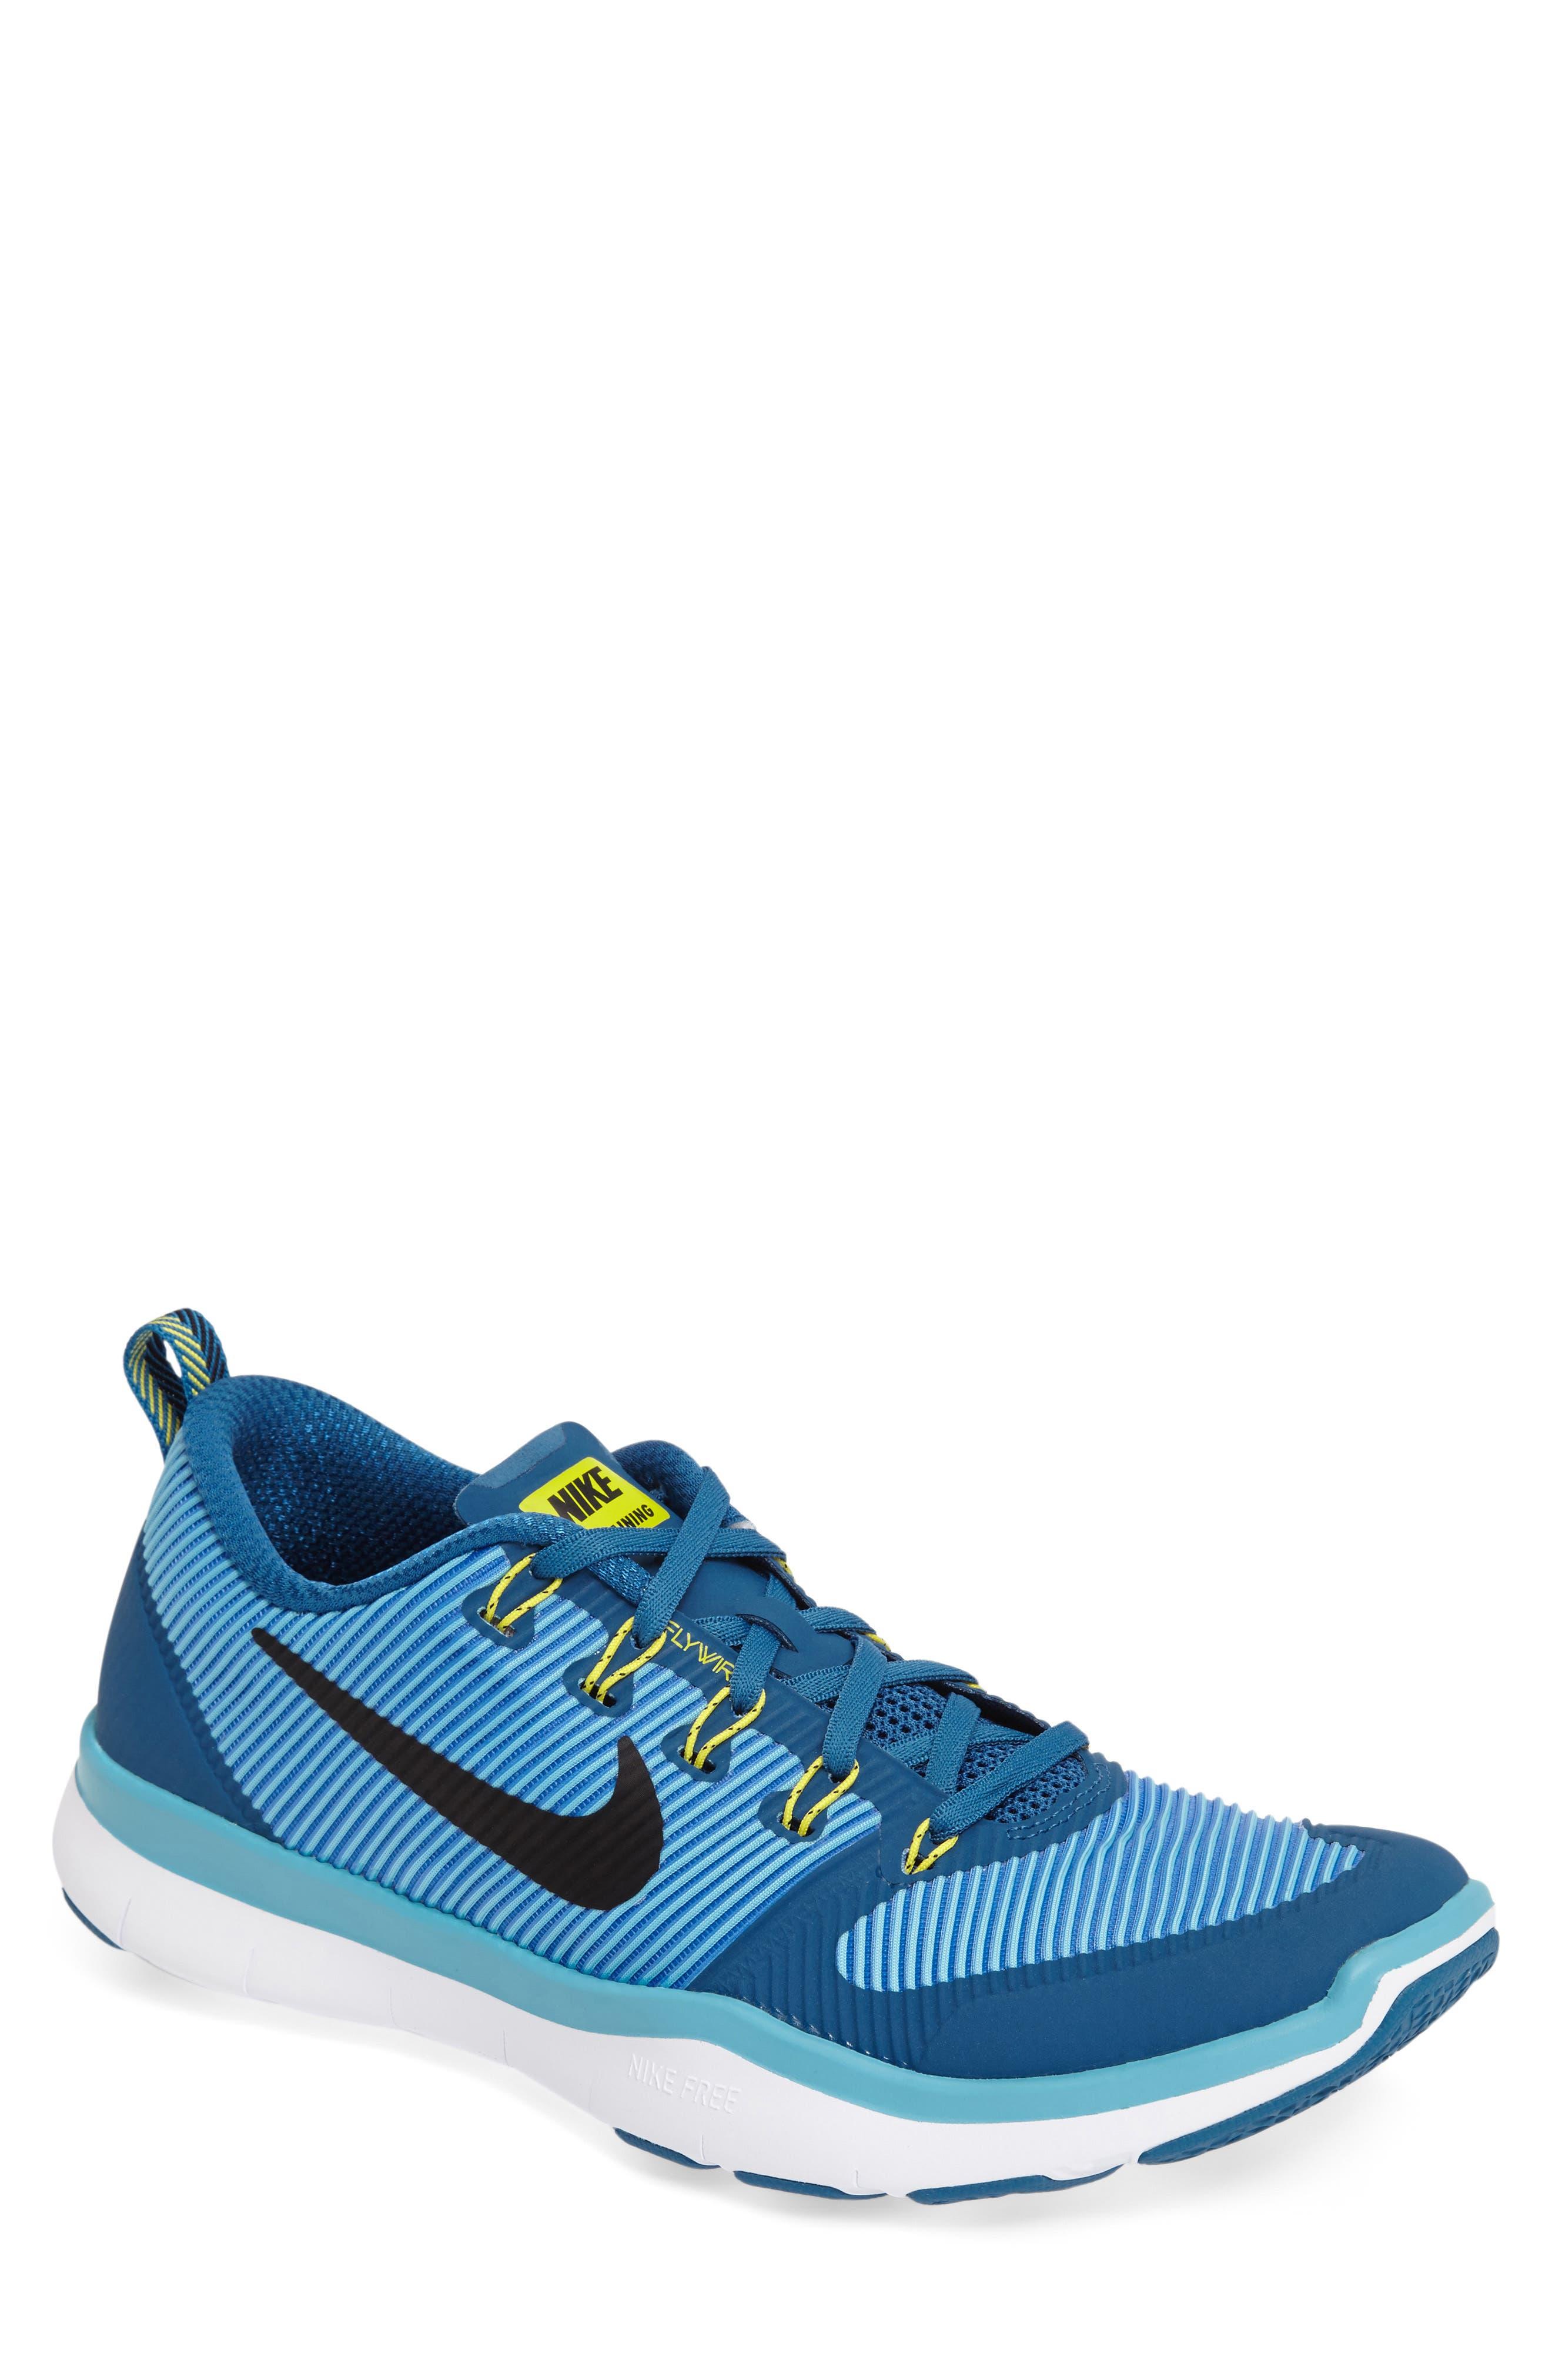 Mens Nike Free Trainer   Tb Cross Training Shoes